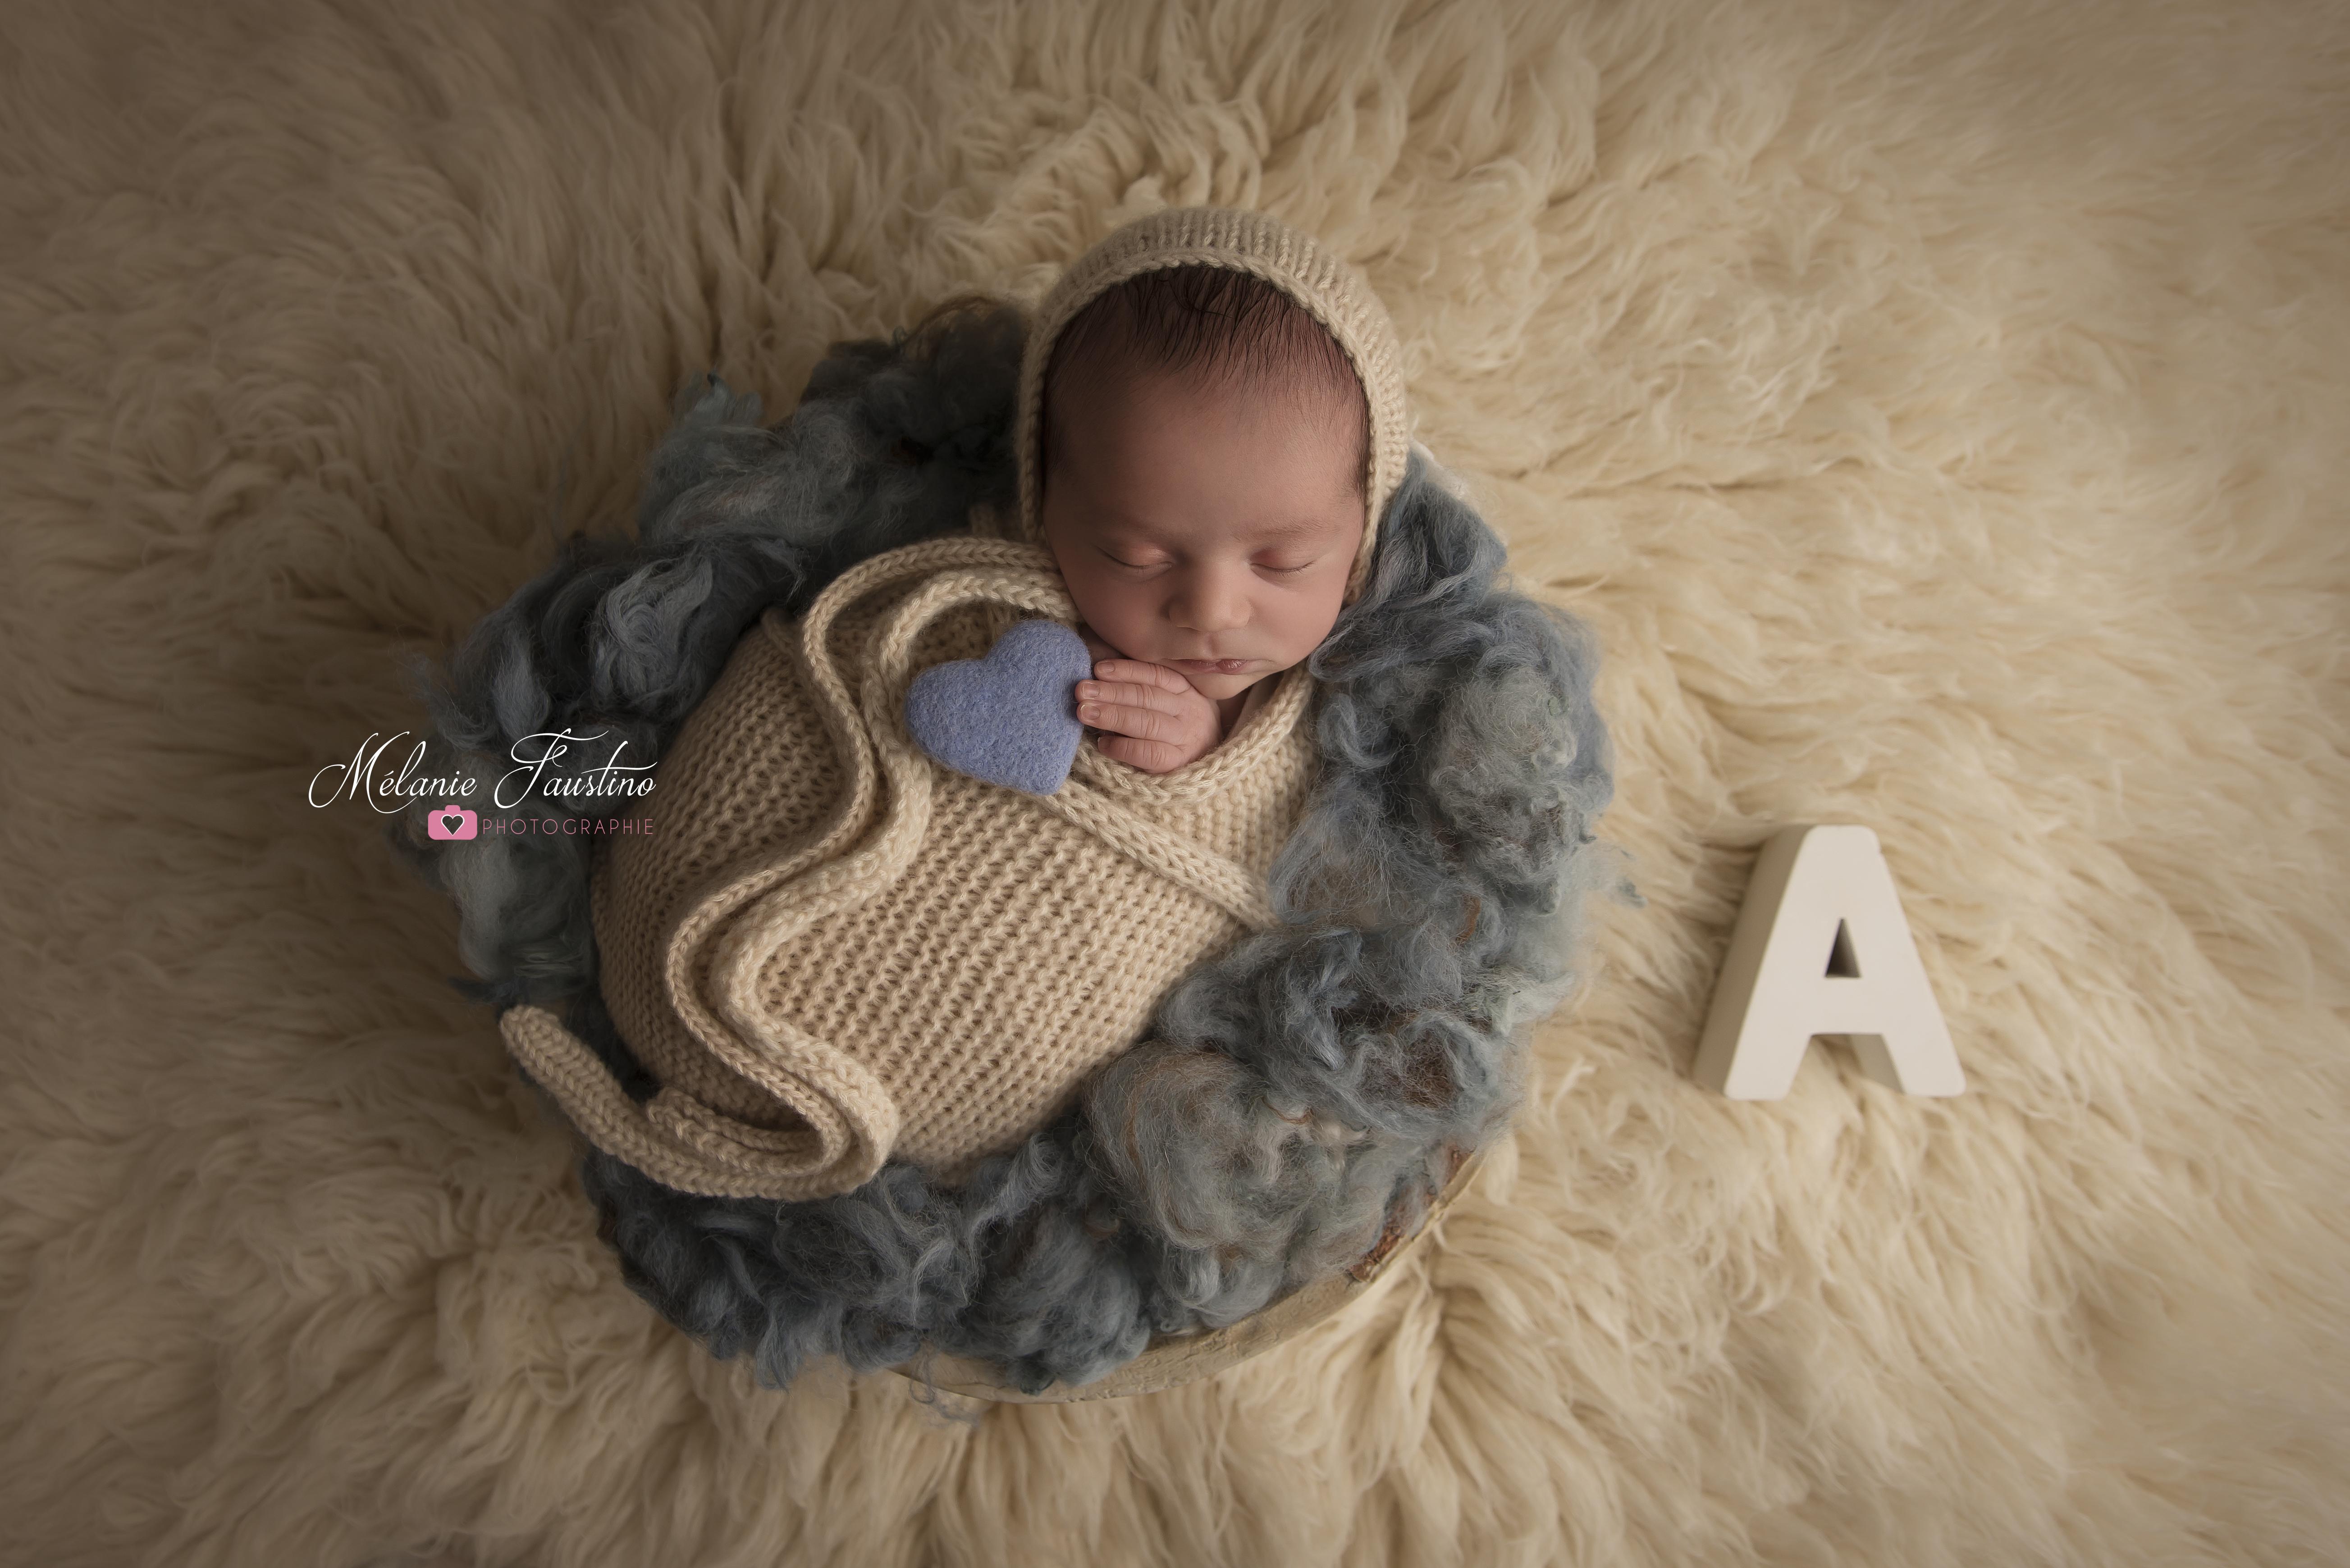 nouveau-né naissance photographe